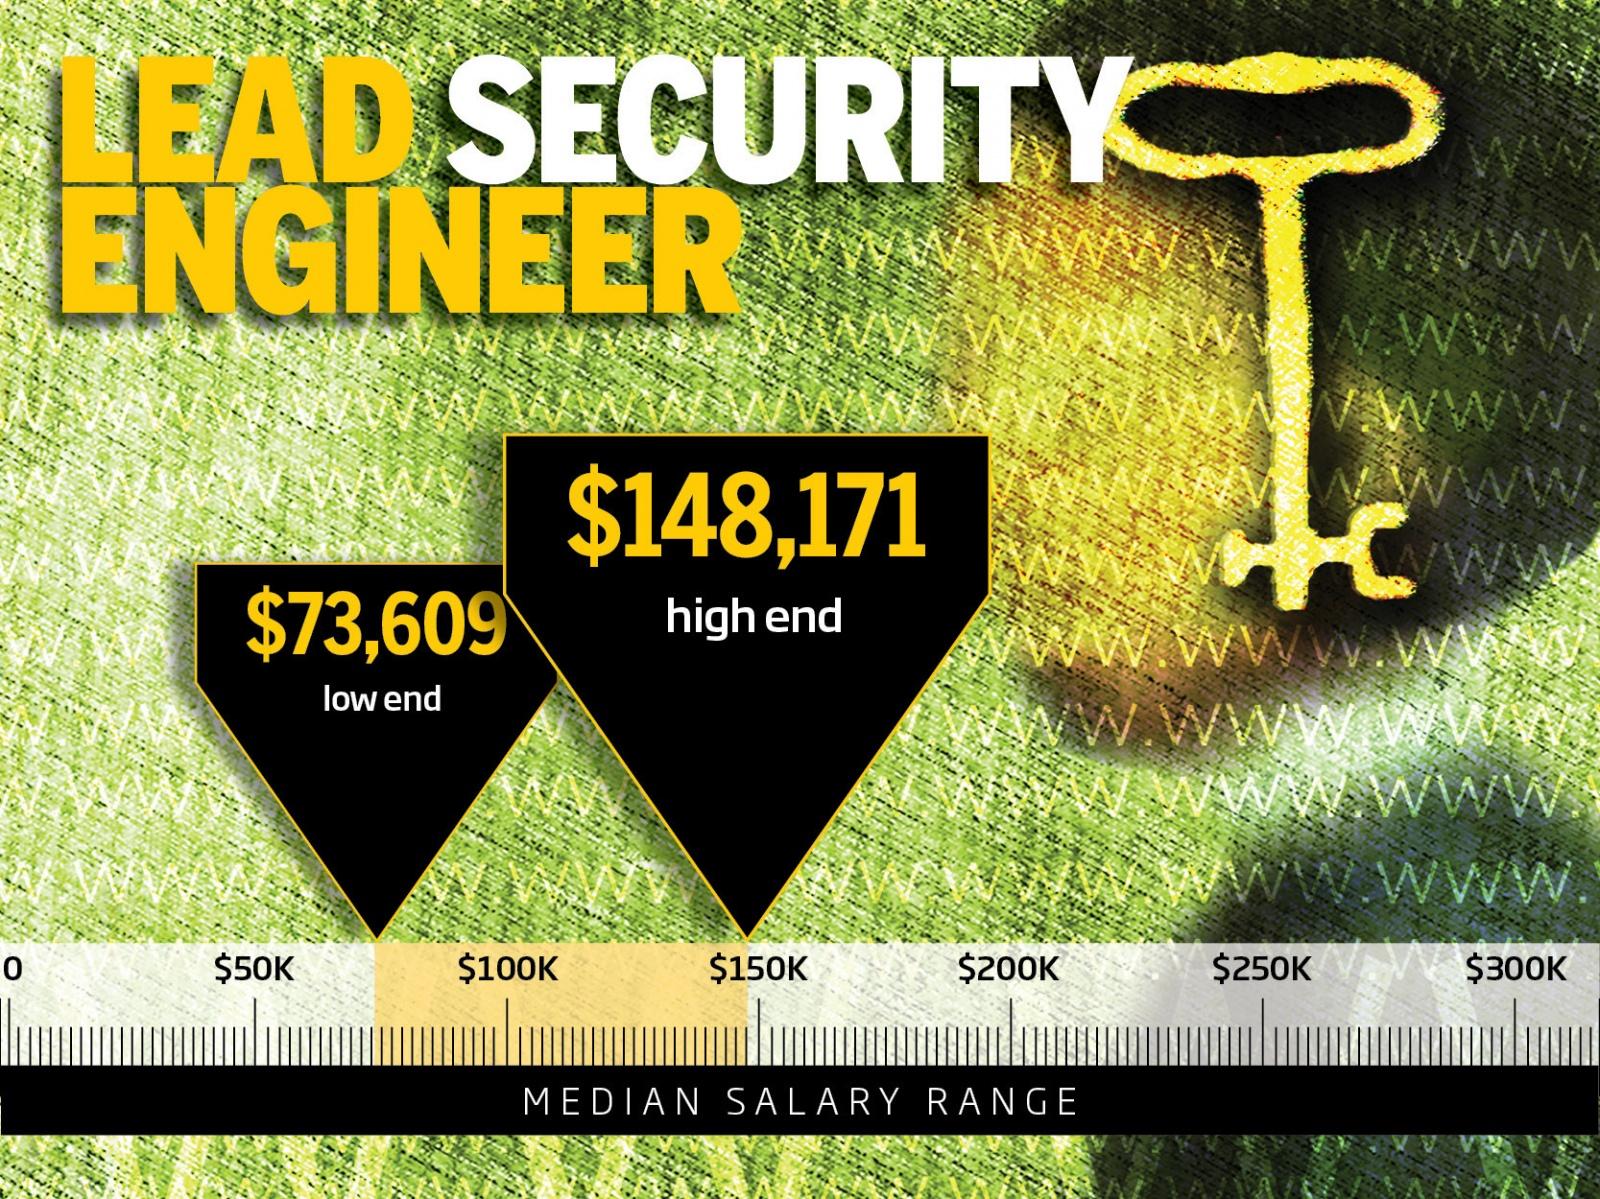 ТОП-10 самых высокооплачиваемых профессий в IT-безопасности - 9